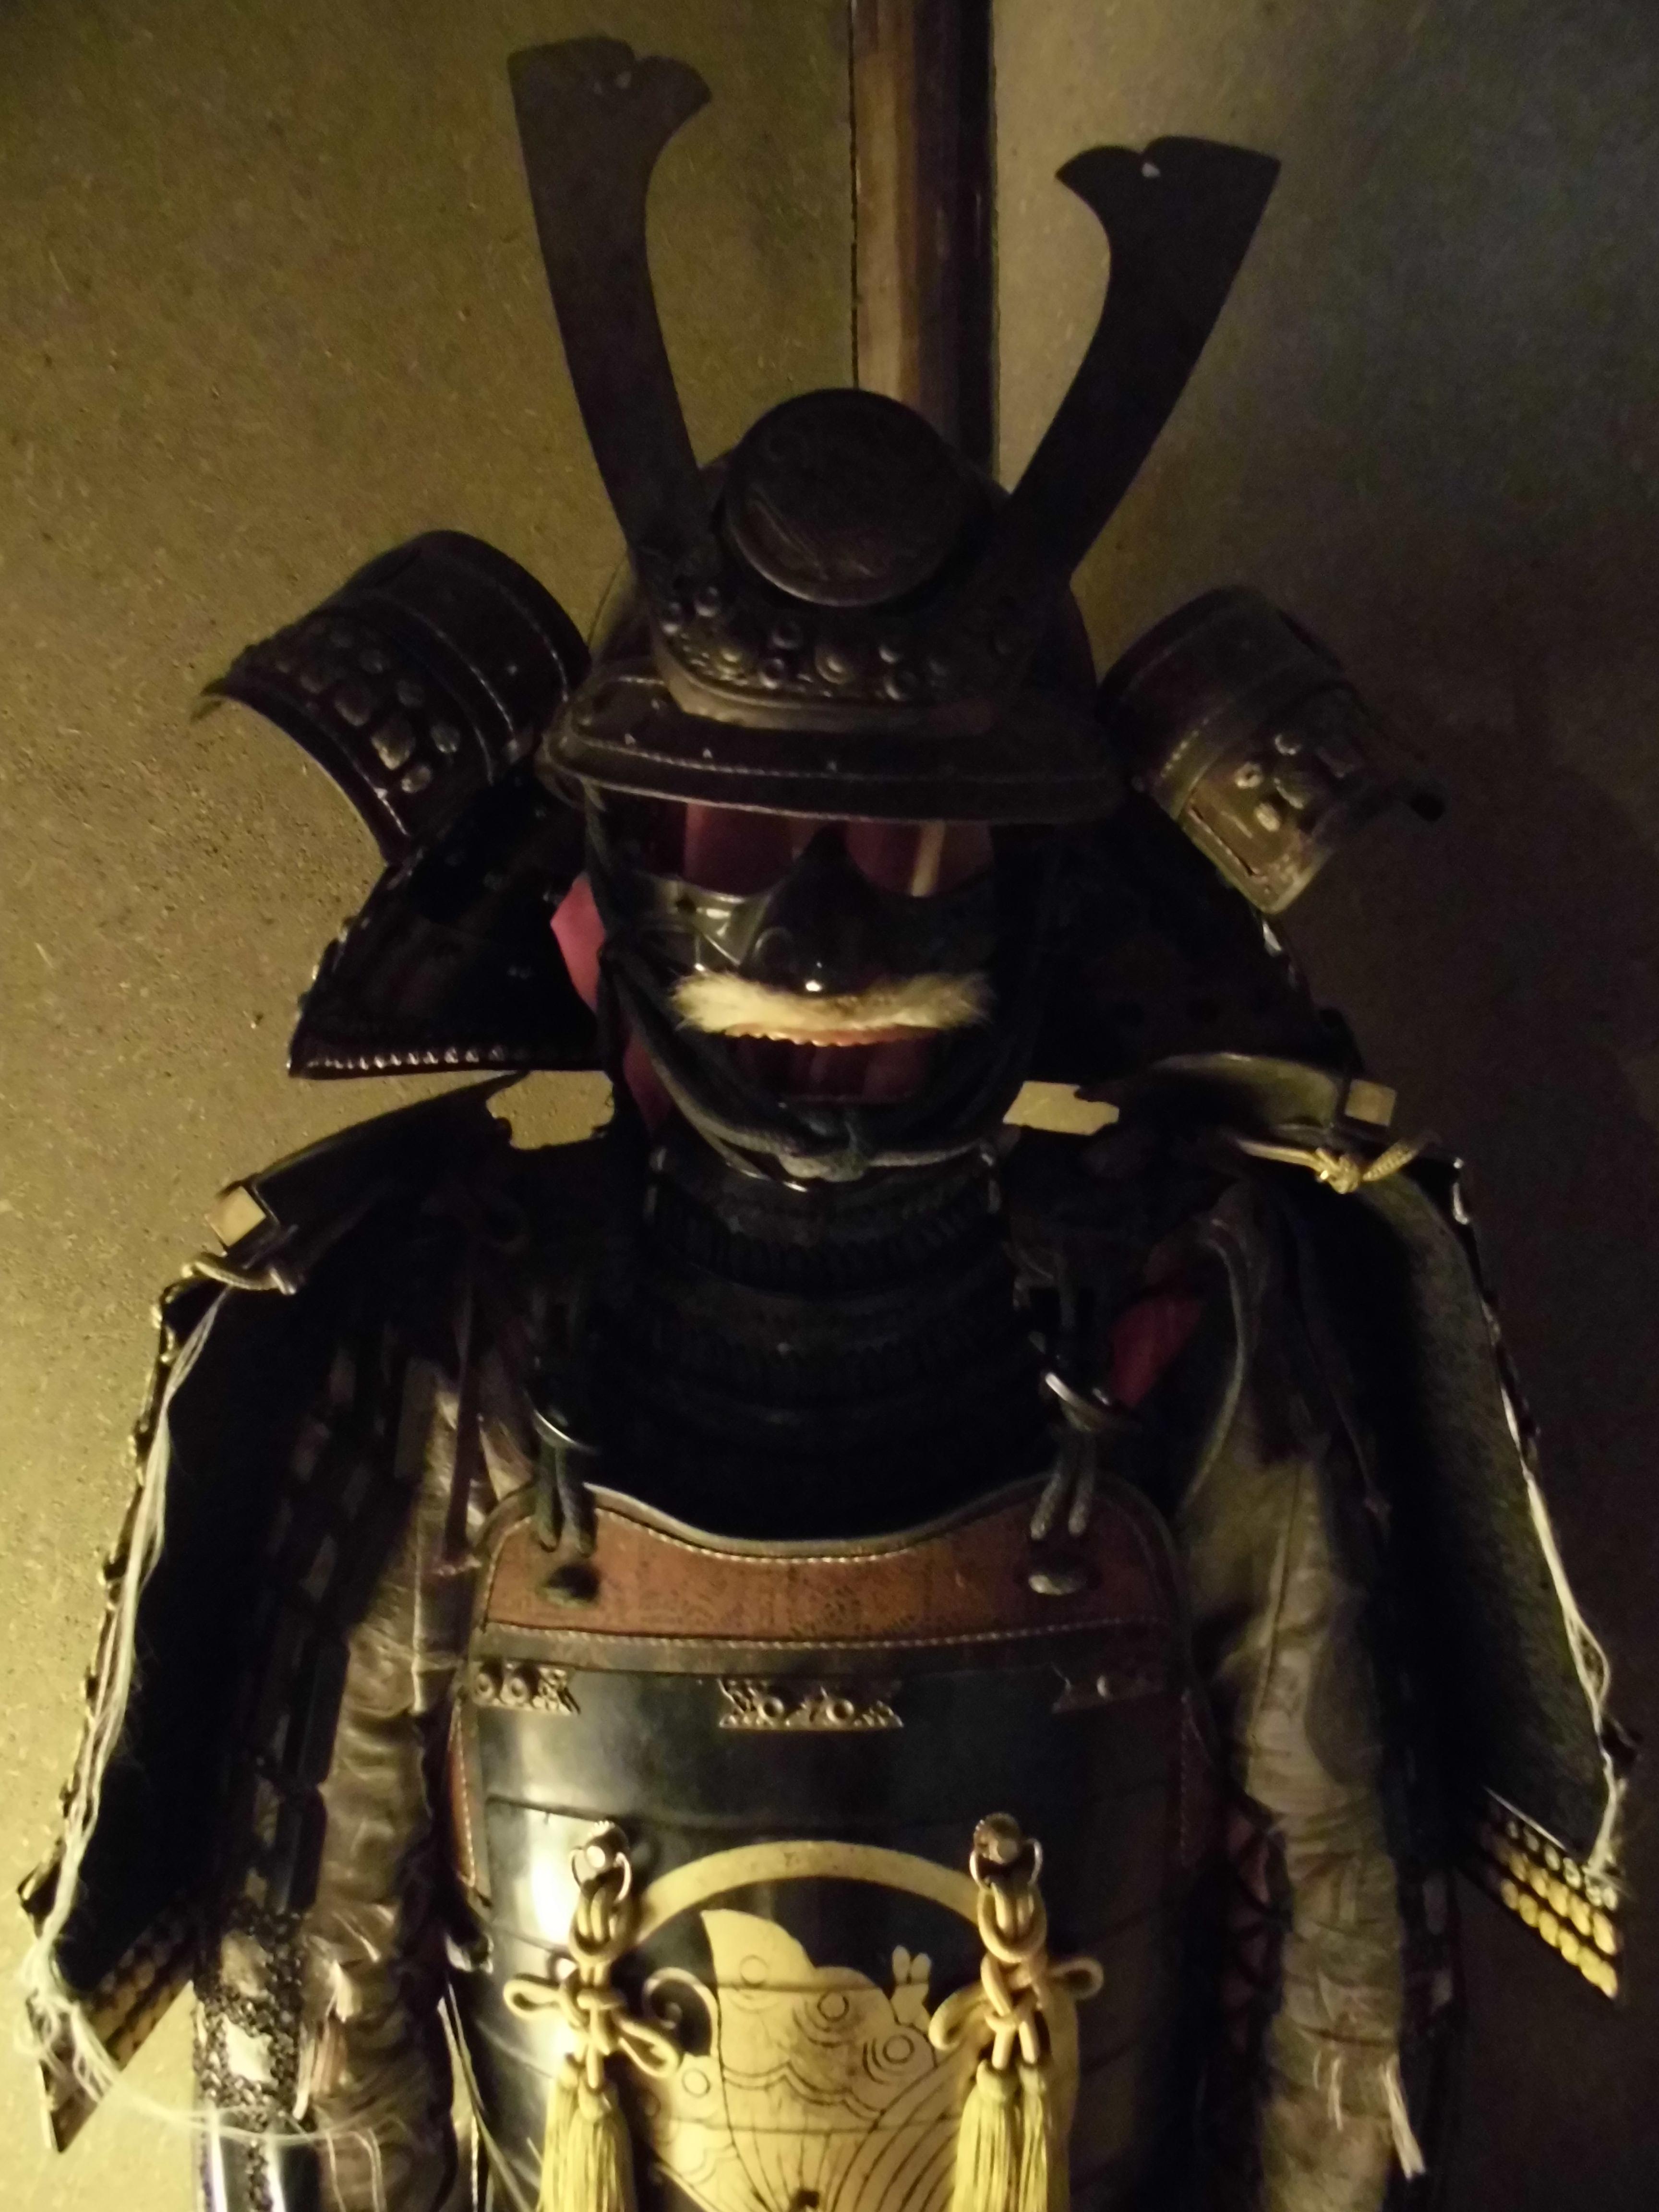 戦闘専用の小さな城、その周辺を歩いてみよう【掛川城とその周辺by-VEGETAPSY】